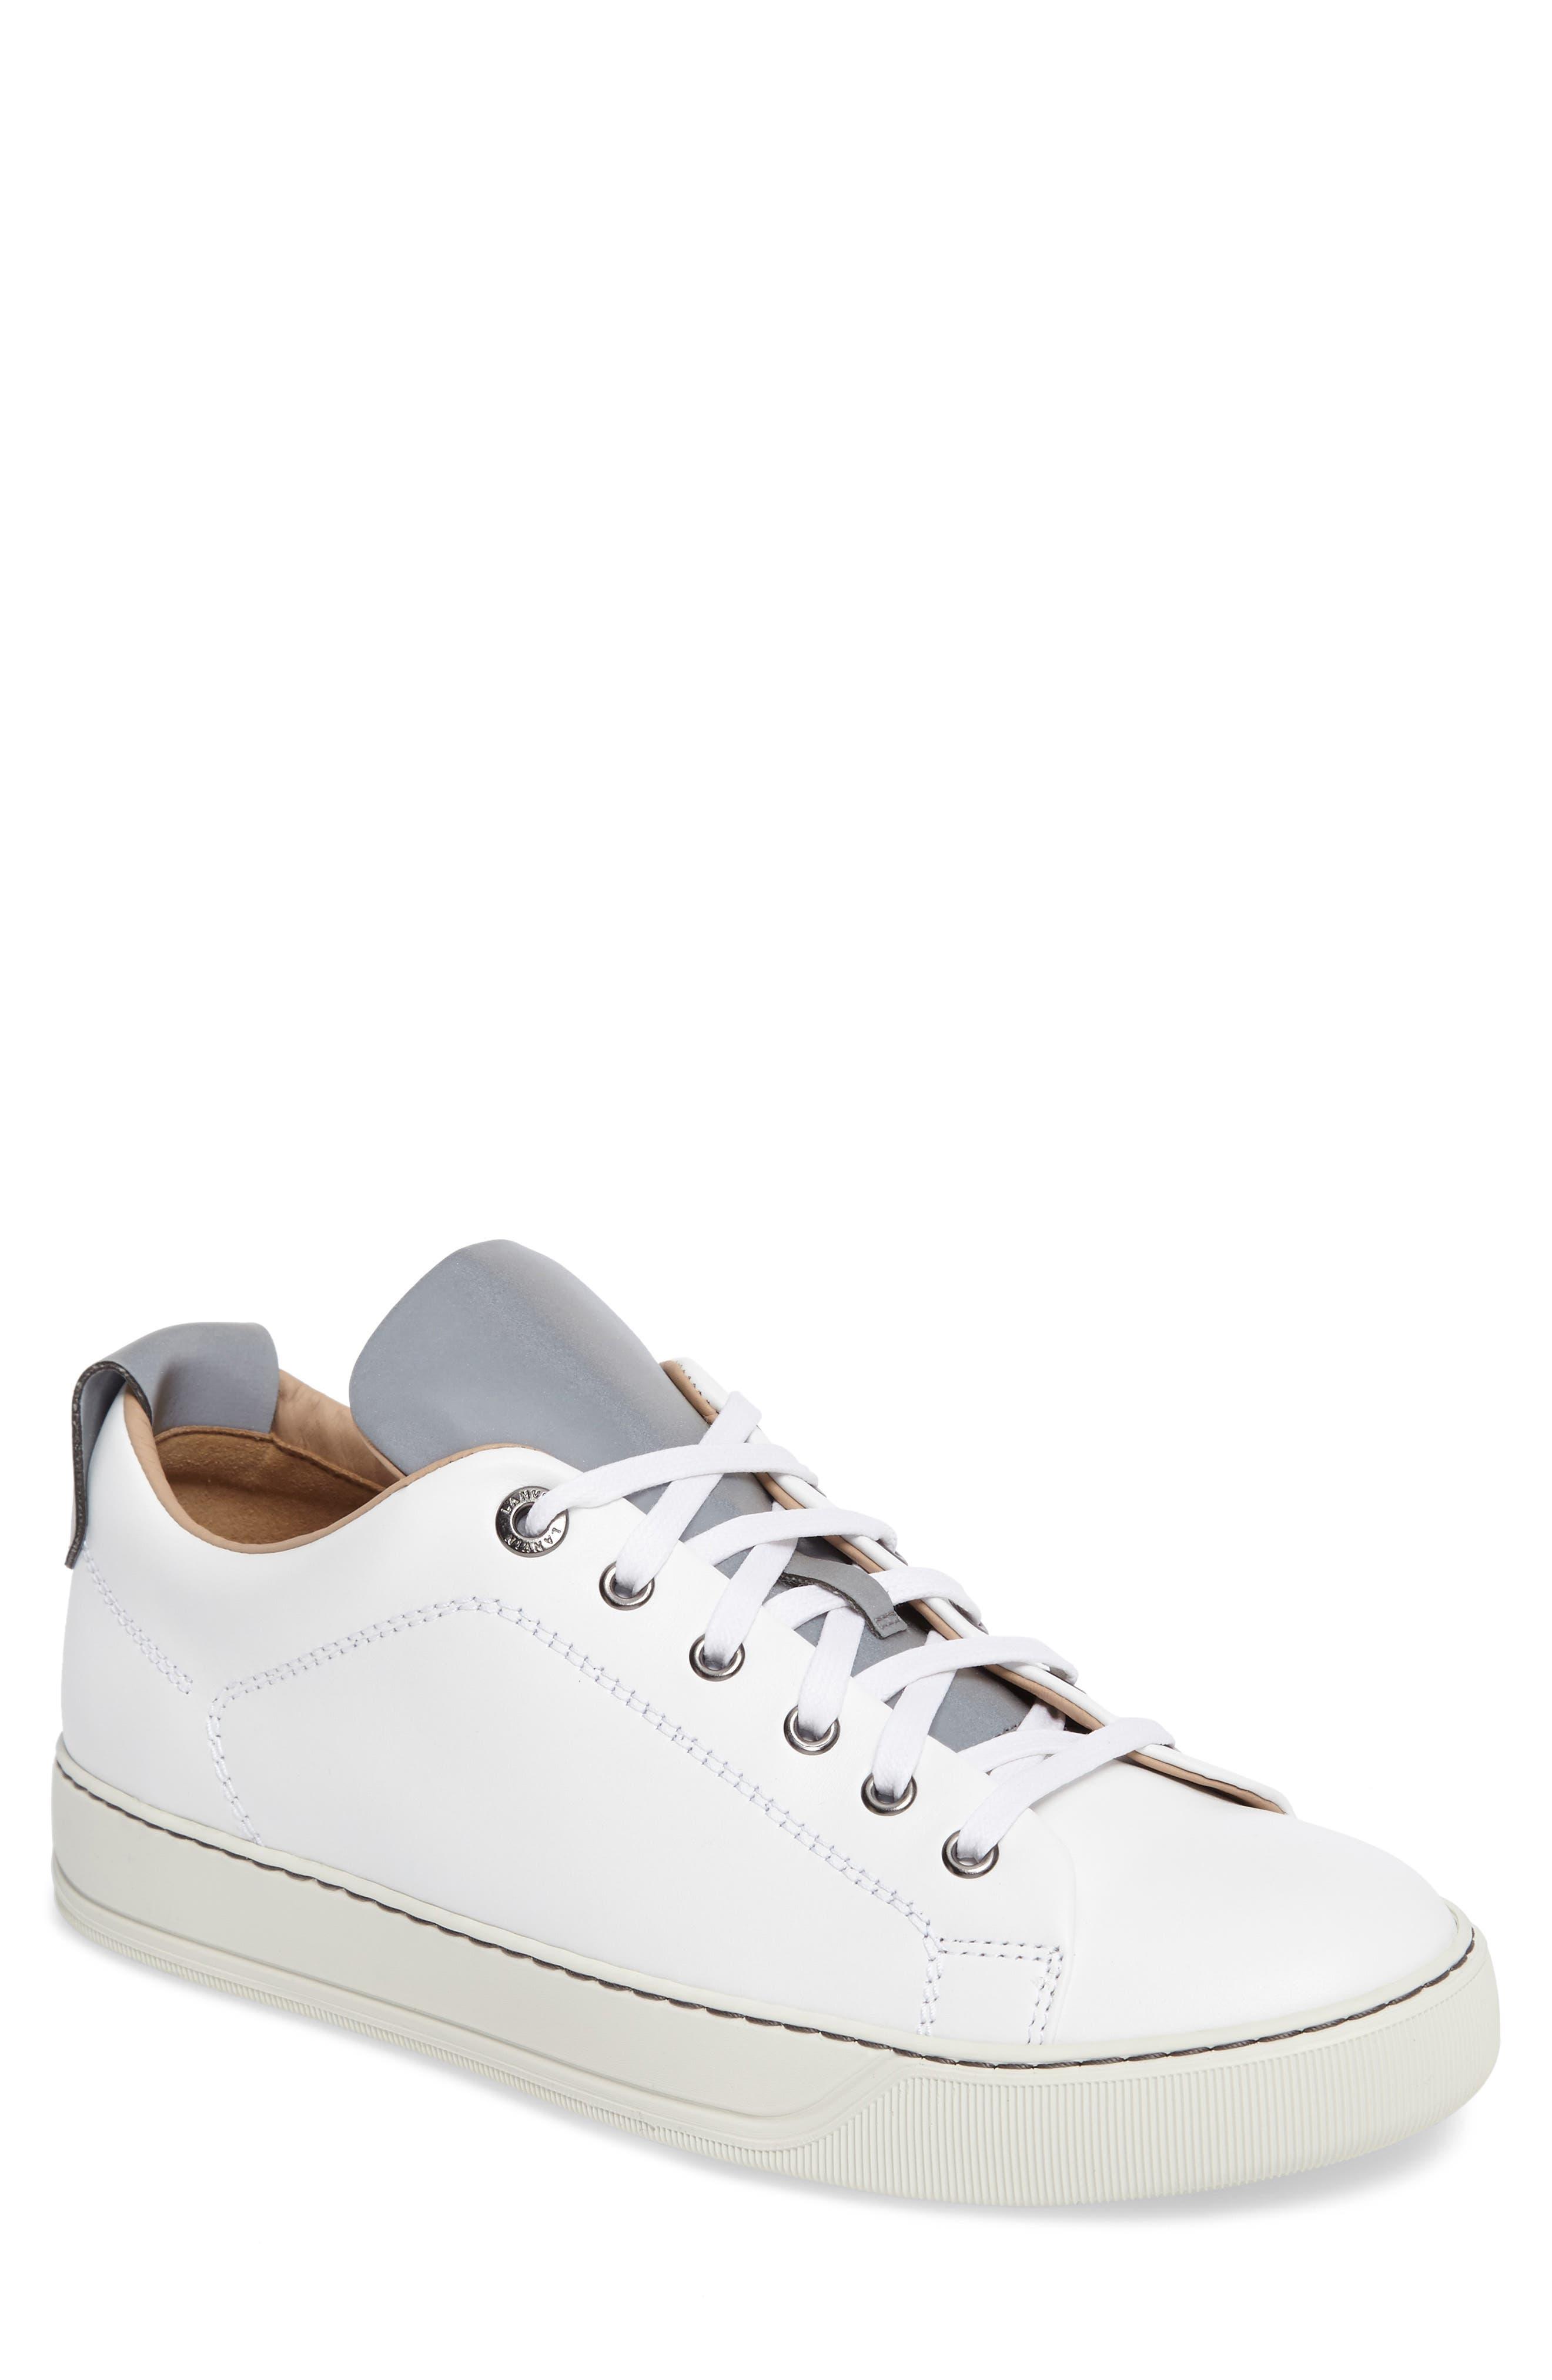 Low Top Sneaker,                         Main,                         color, 100